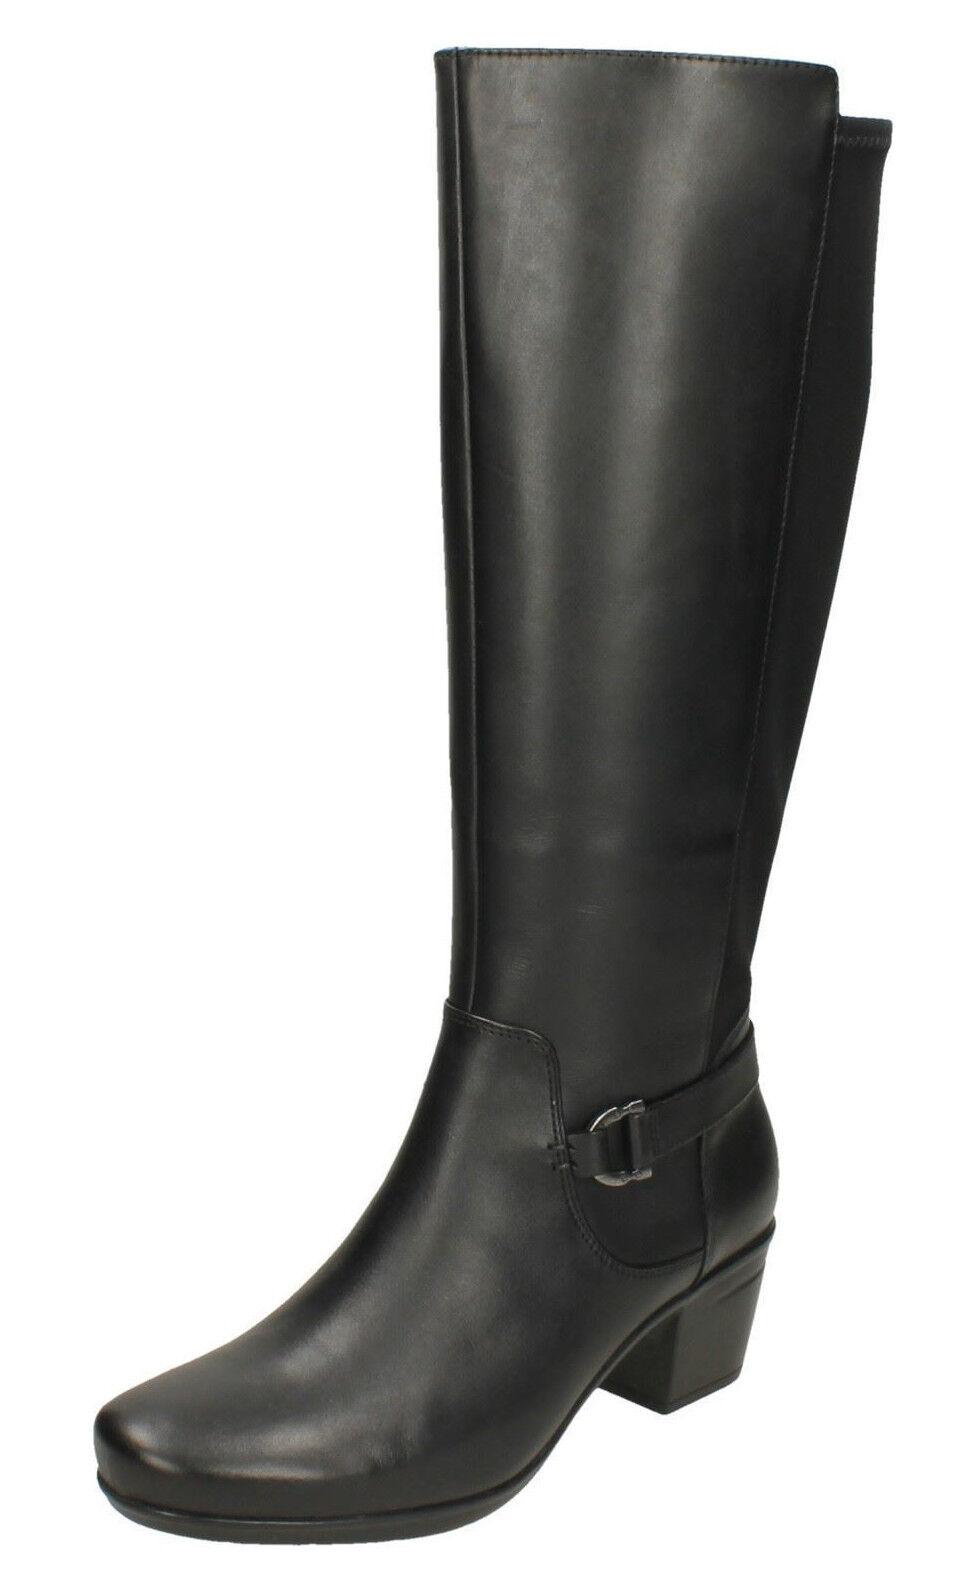 Clarks da Donna Ampia Vestiilit 655533; in pelle Zip  Tacco Spesso Stivali Lunghi  autentico